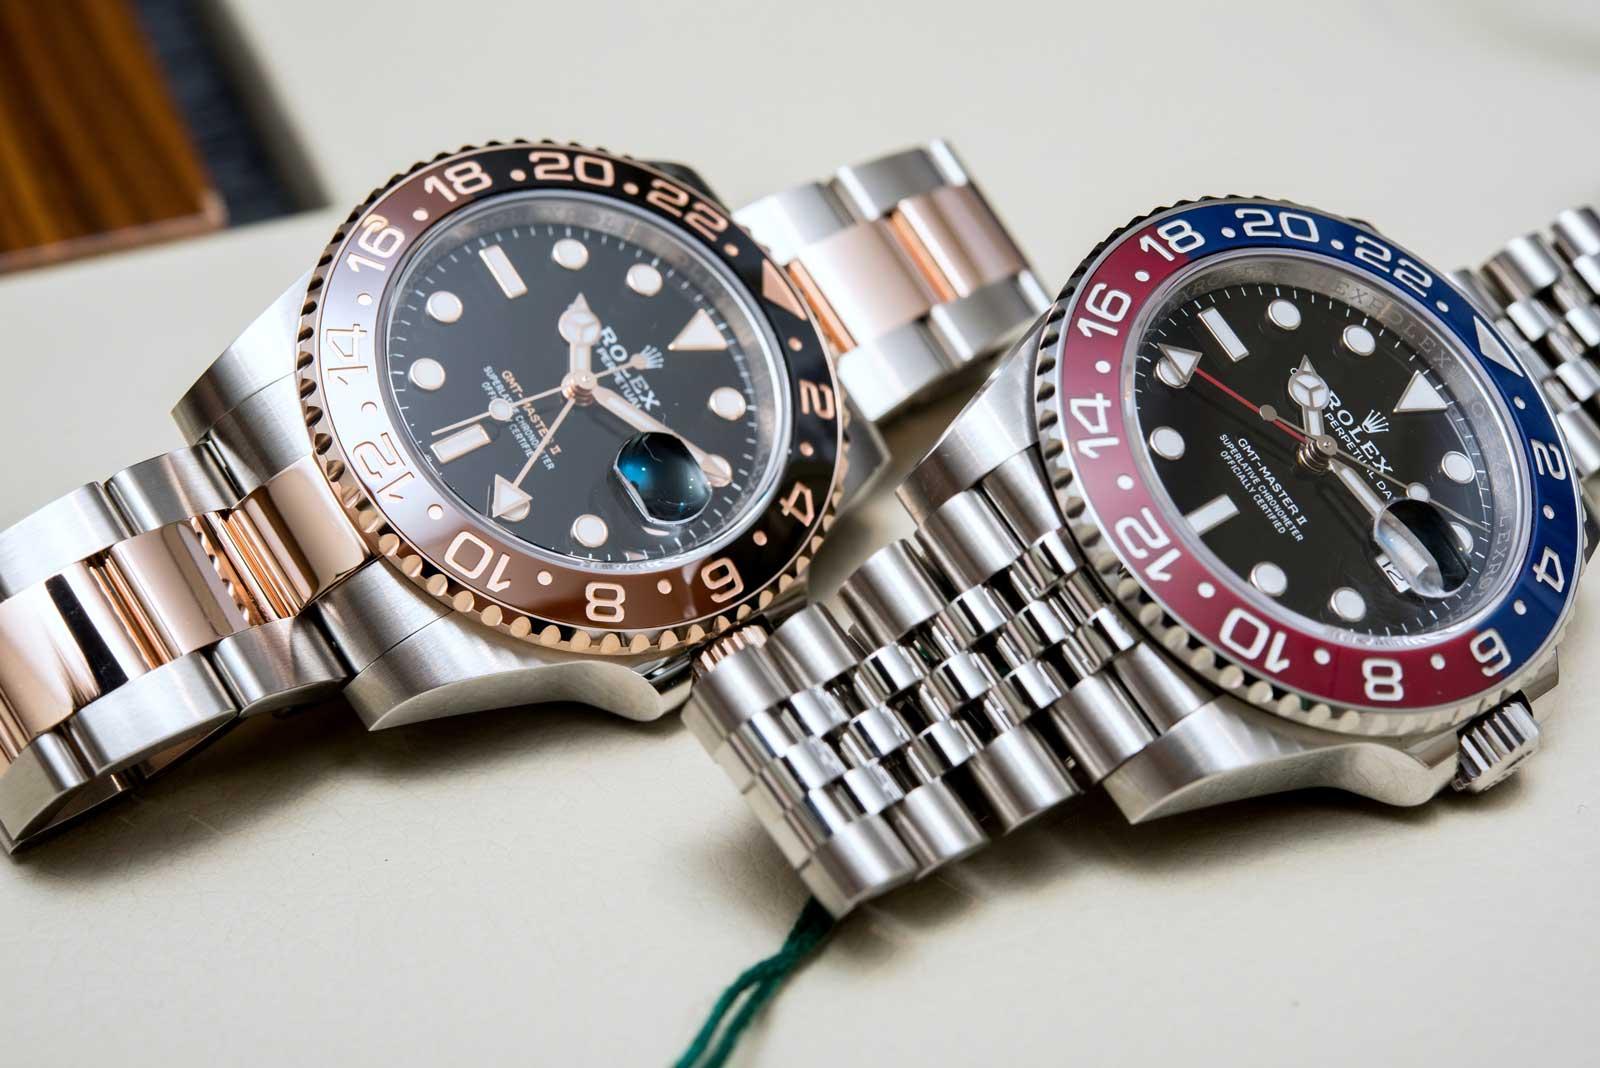 New Rolex Gmt Master Ii 126710blro News Timepieces Rolex